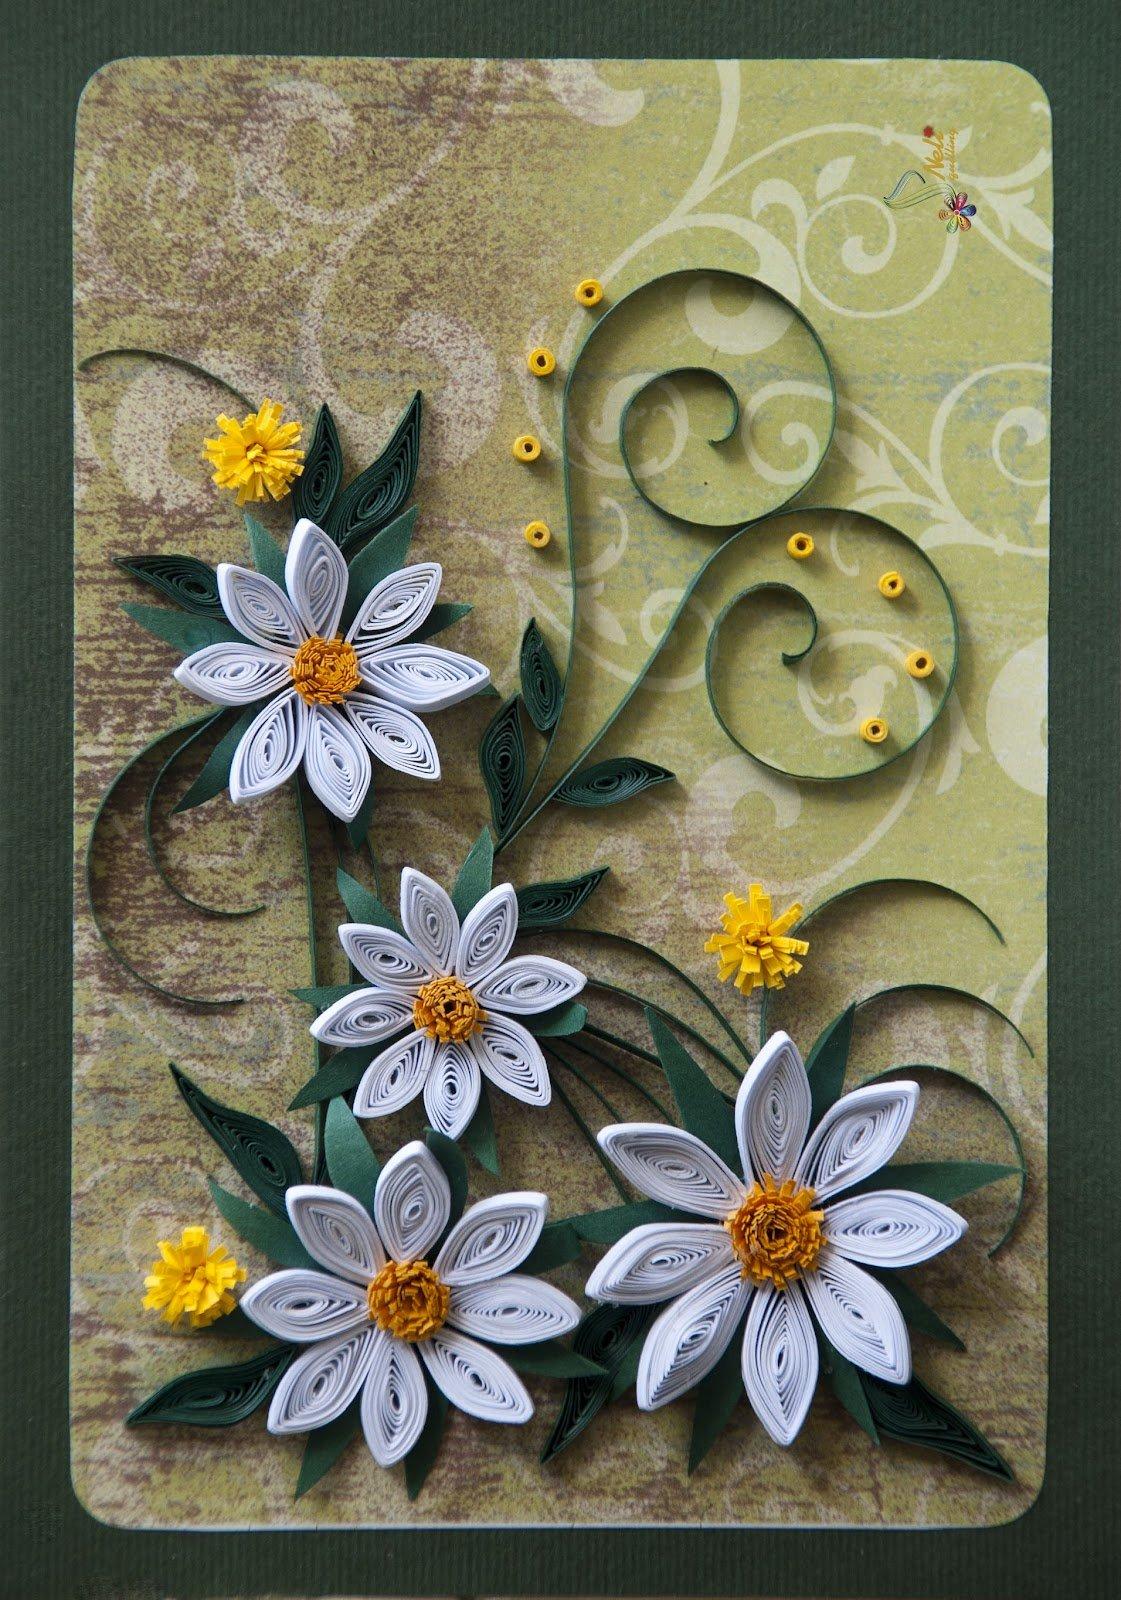 Фото, цветы для открытки квиллинг